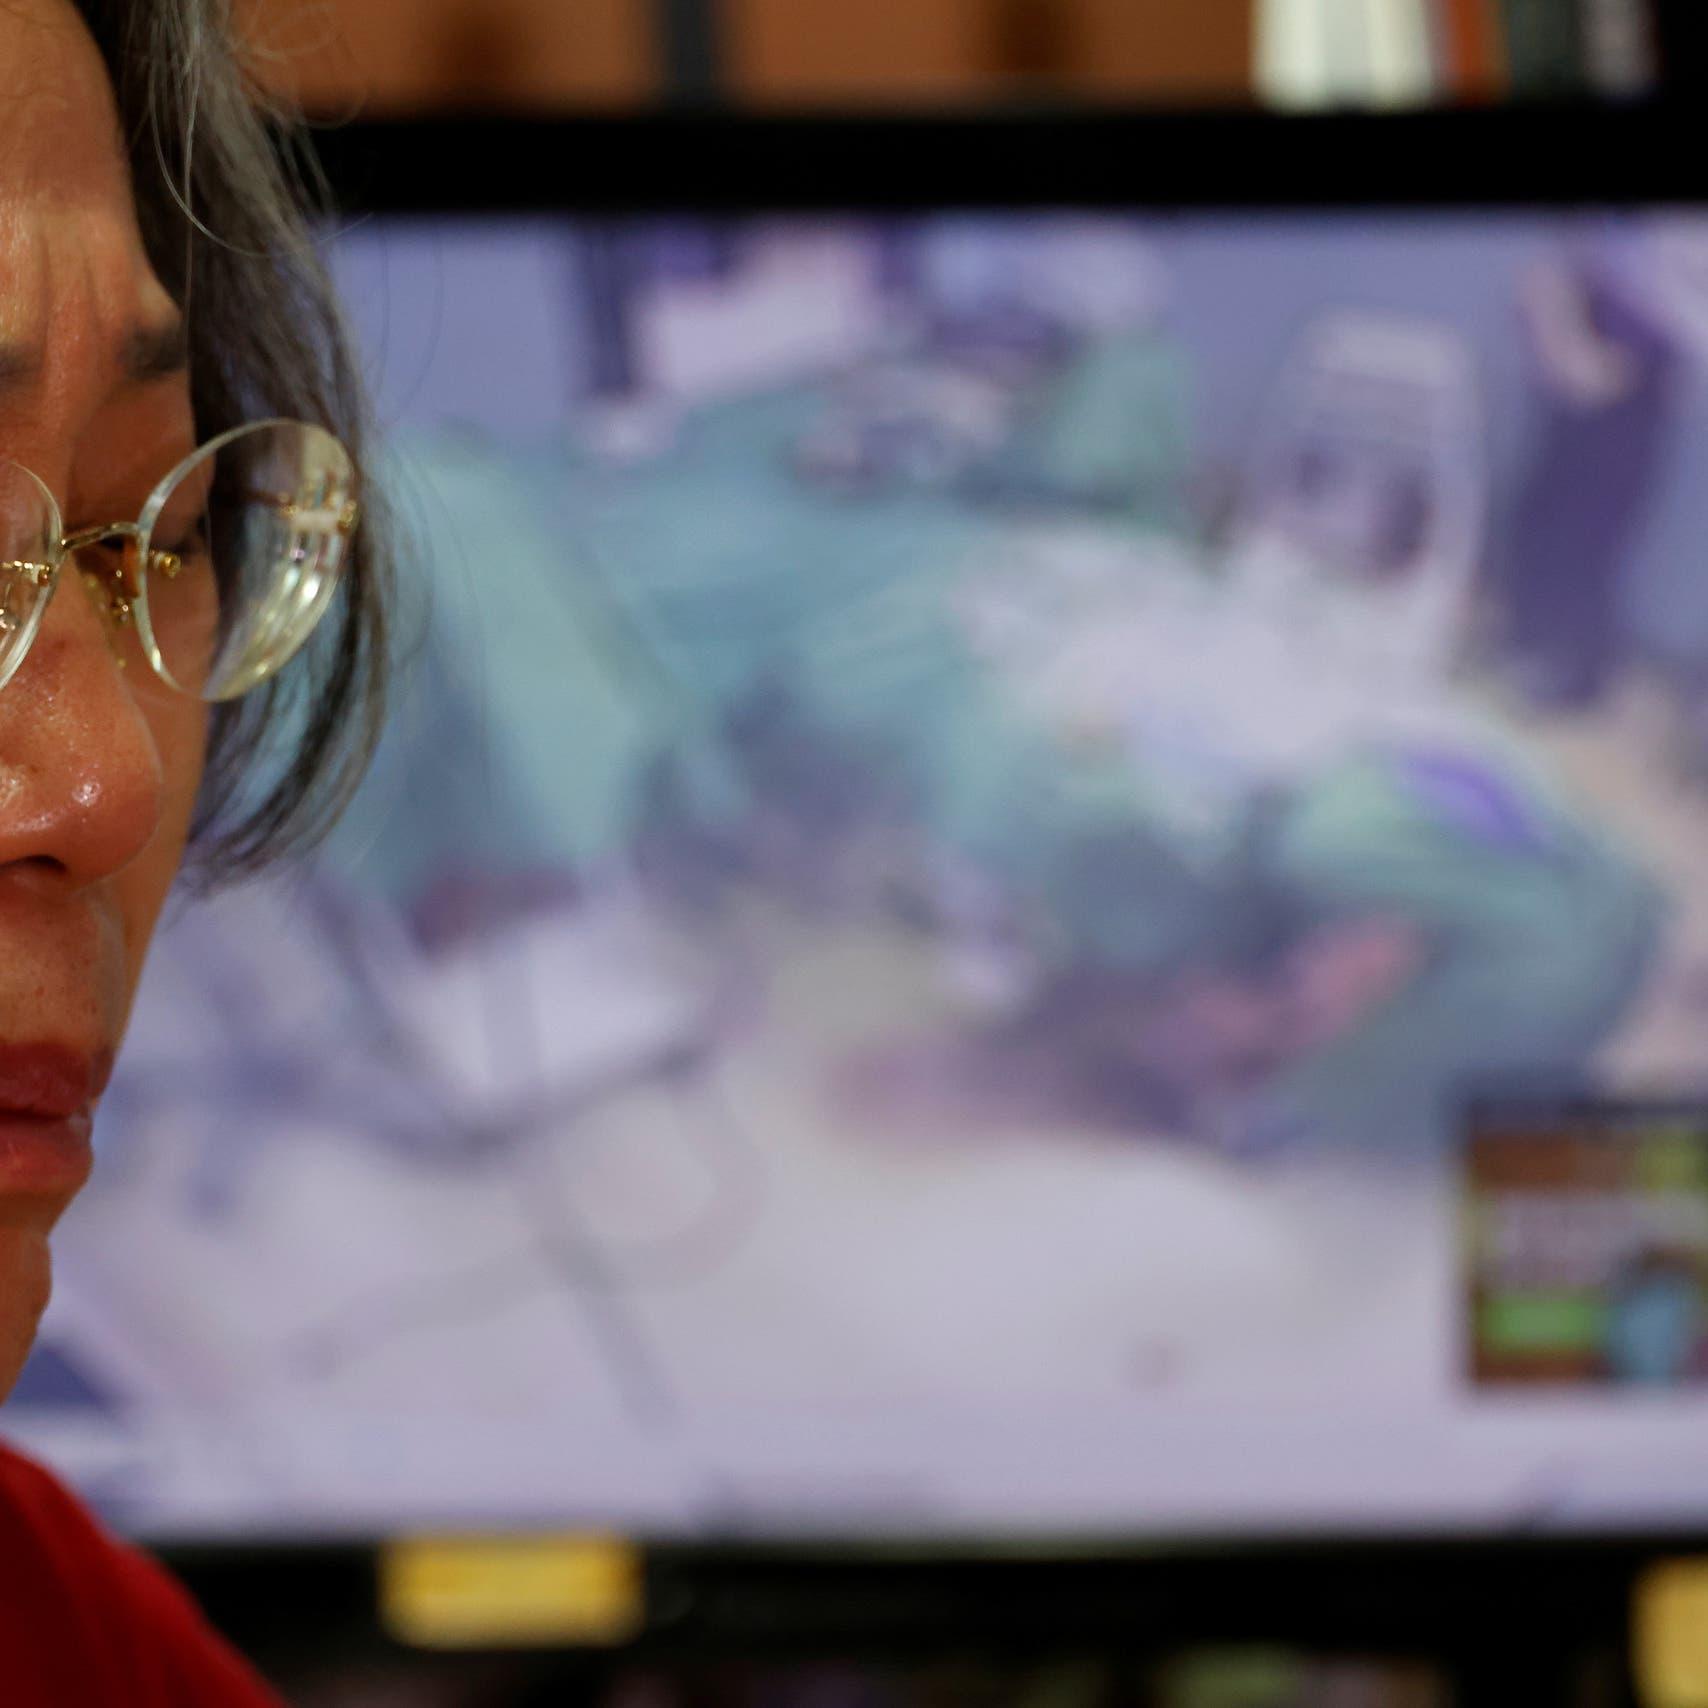 فرض تصوير الجراحات بكوريا.. فضل اعتصام لأم ثكلى دام 3 سنوات